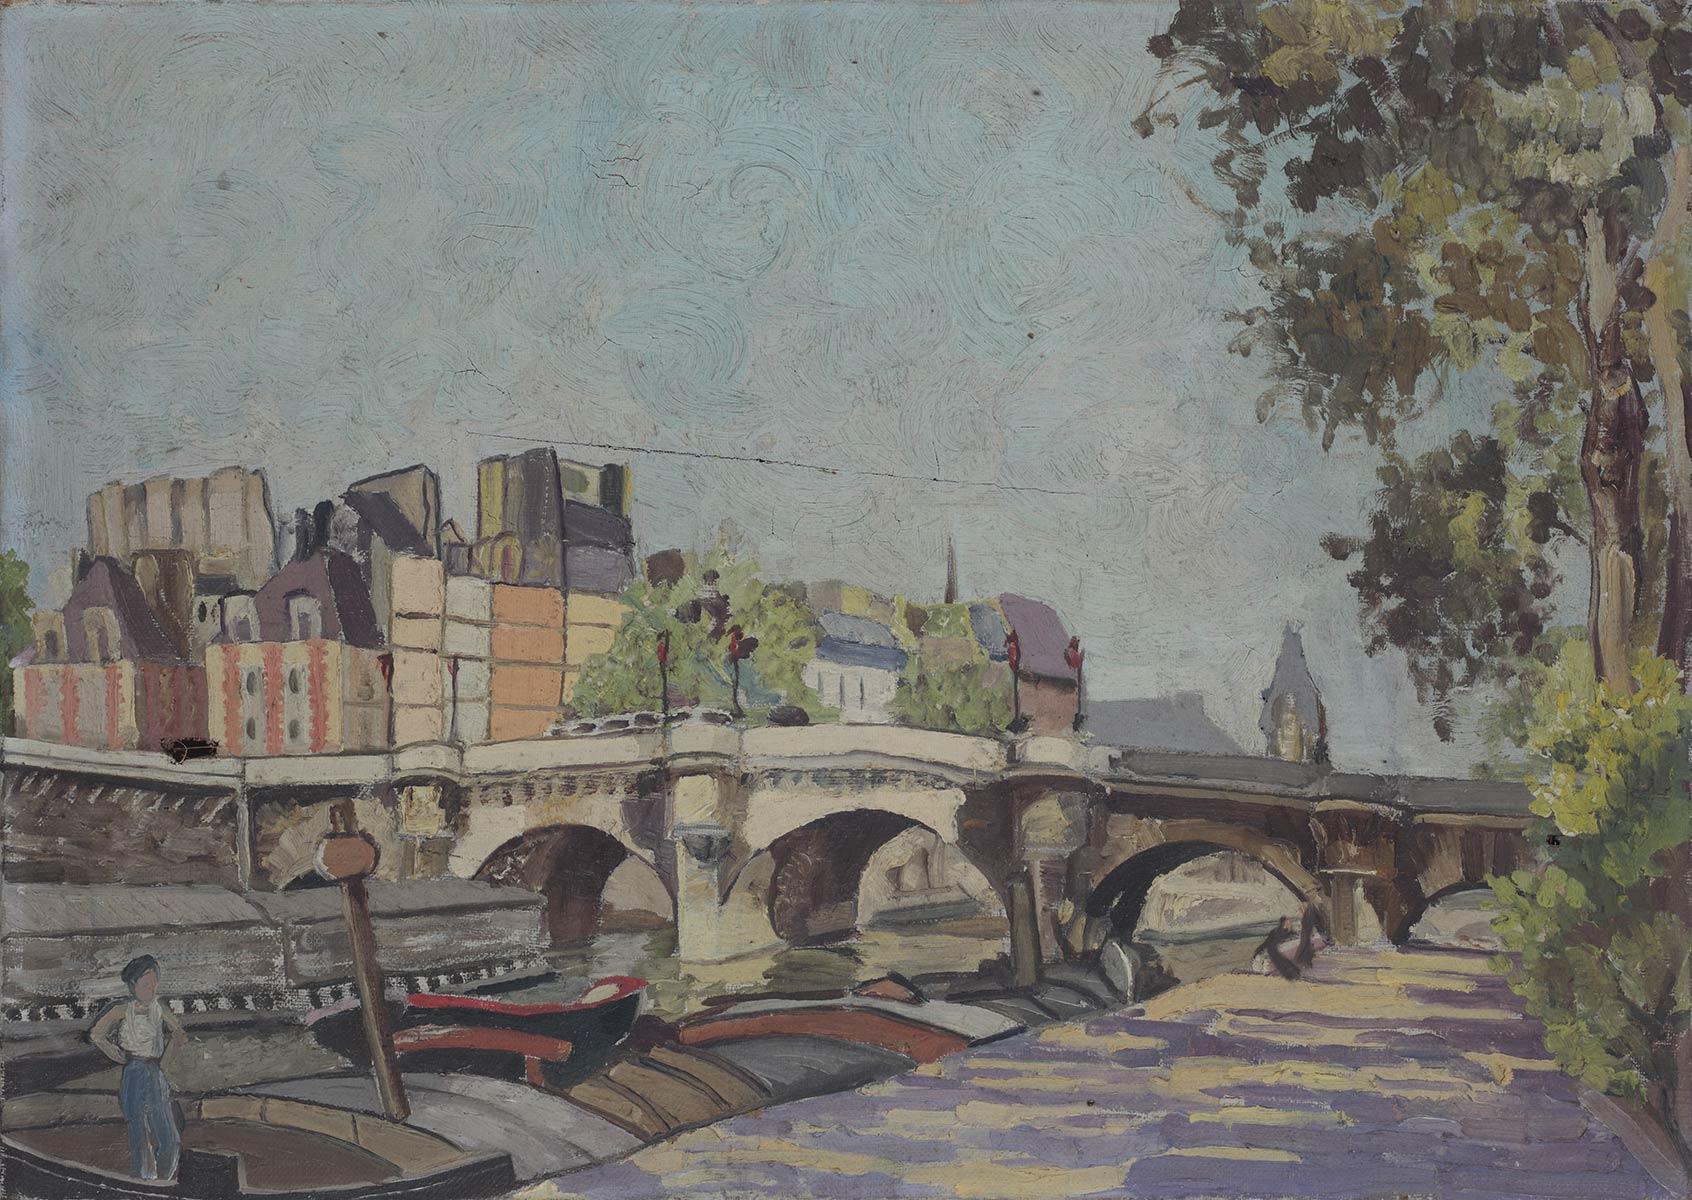 Paris bridge 1938 oil on canvas 16 x 13 in (40 x 32cm)